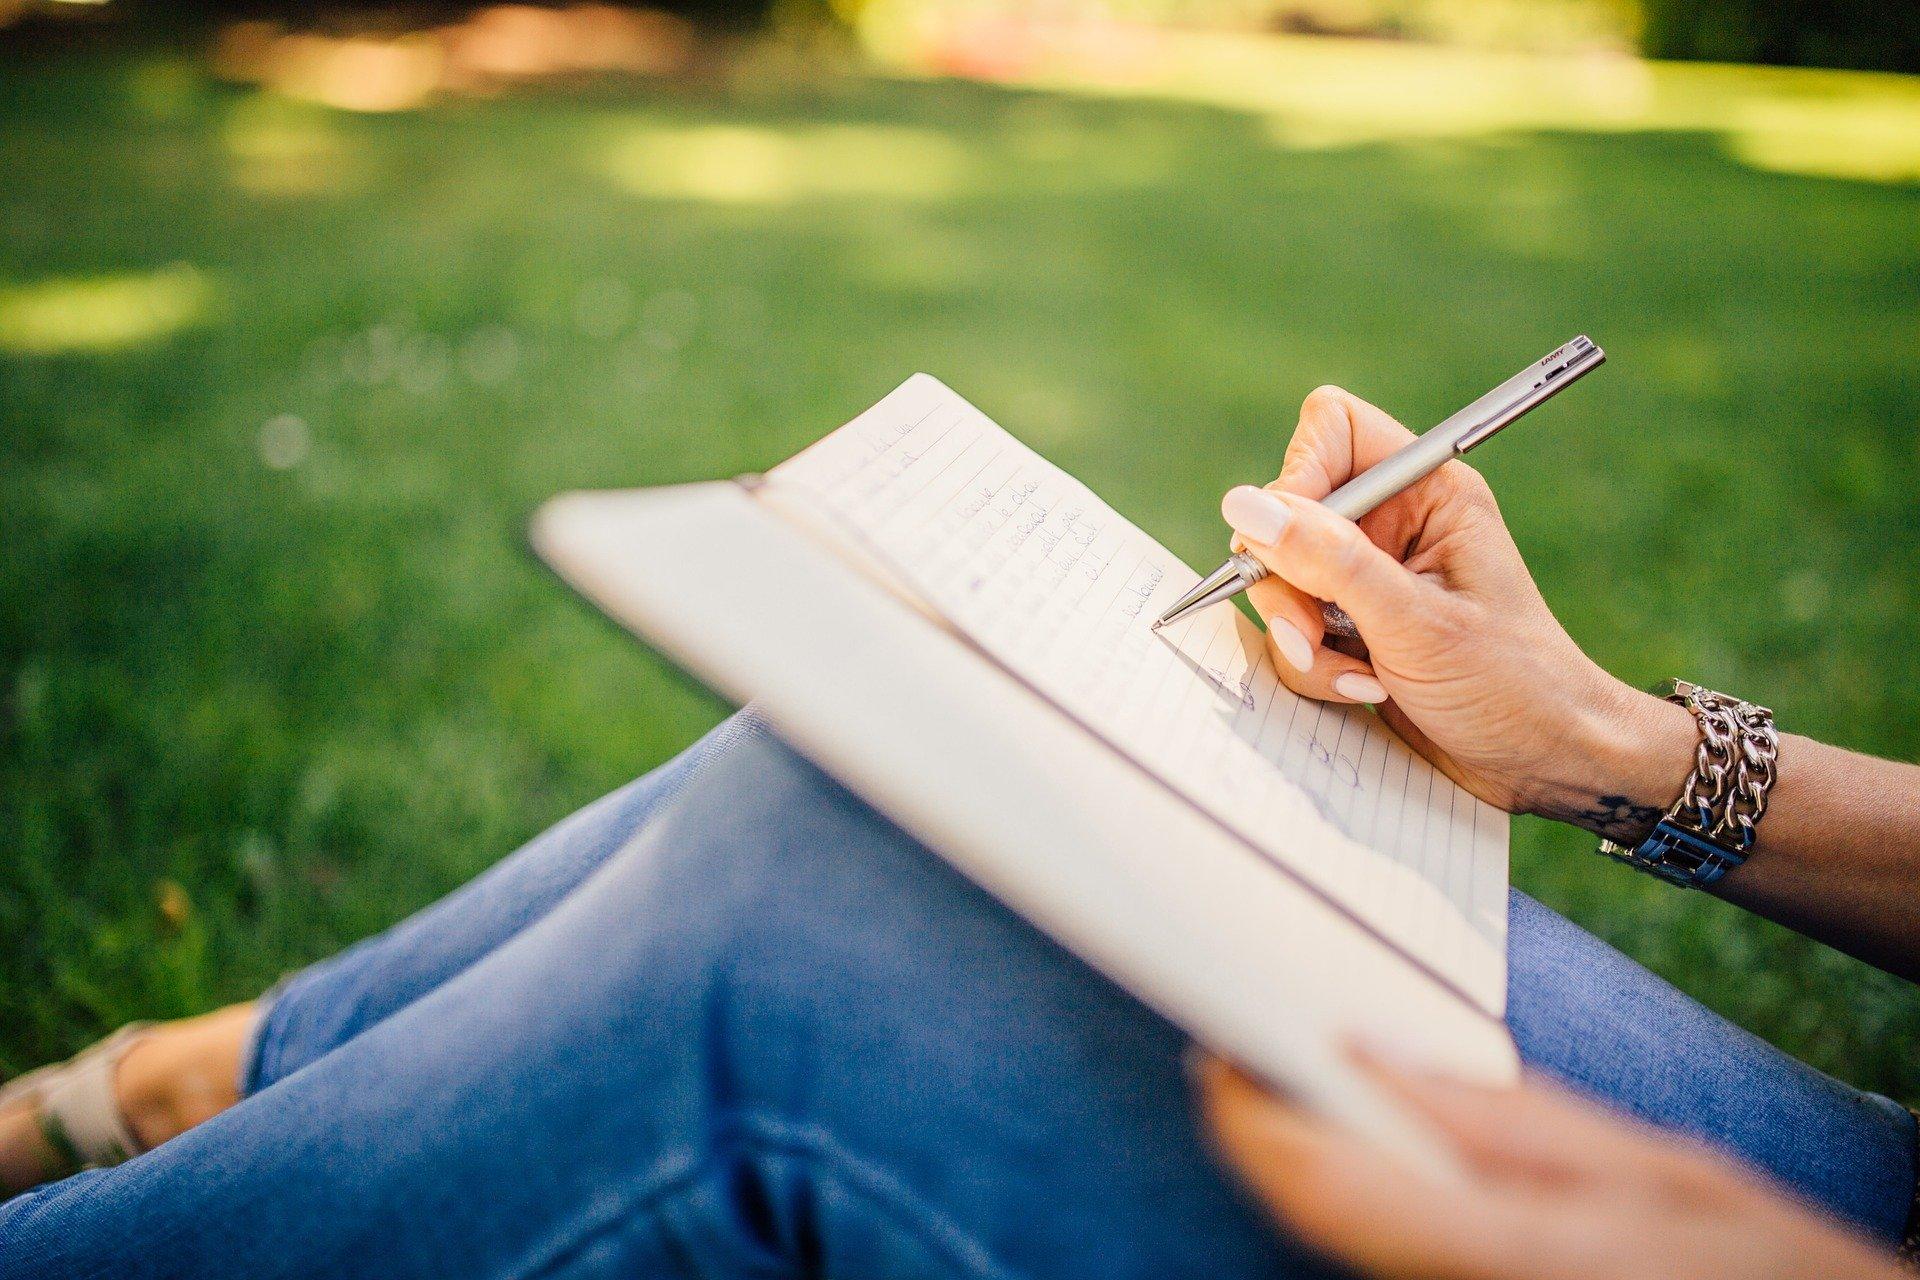 Las manos de una chica escribiendo en una libreta en el campo sobre el seguro de incapacidad temporal